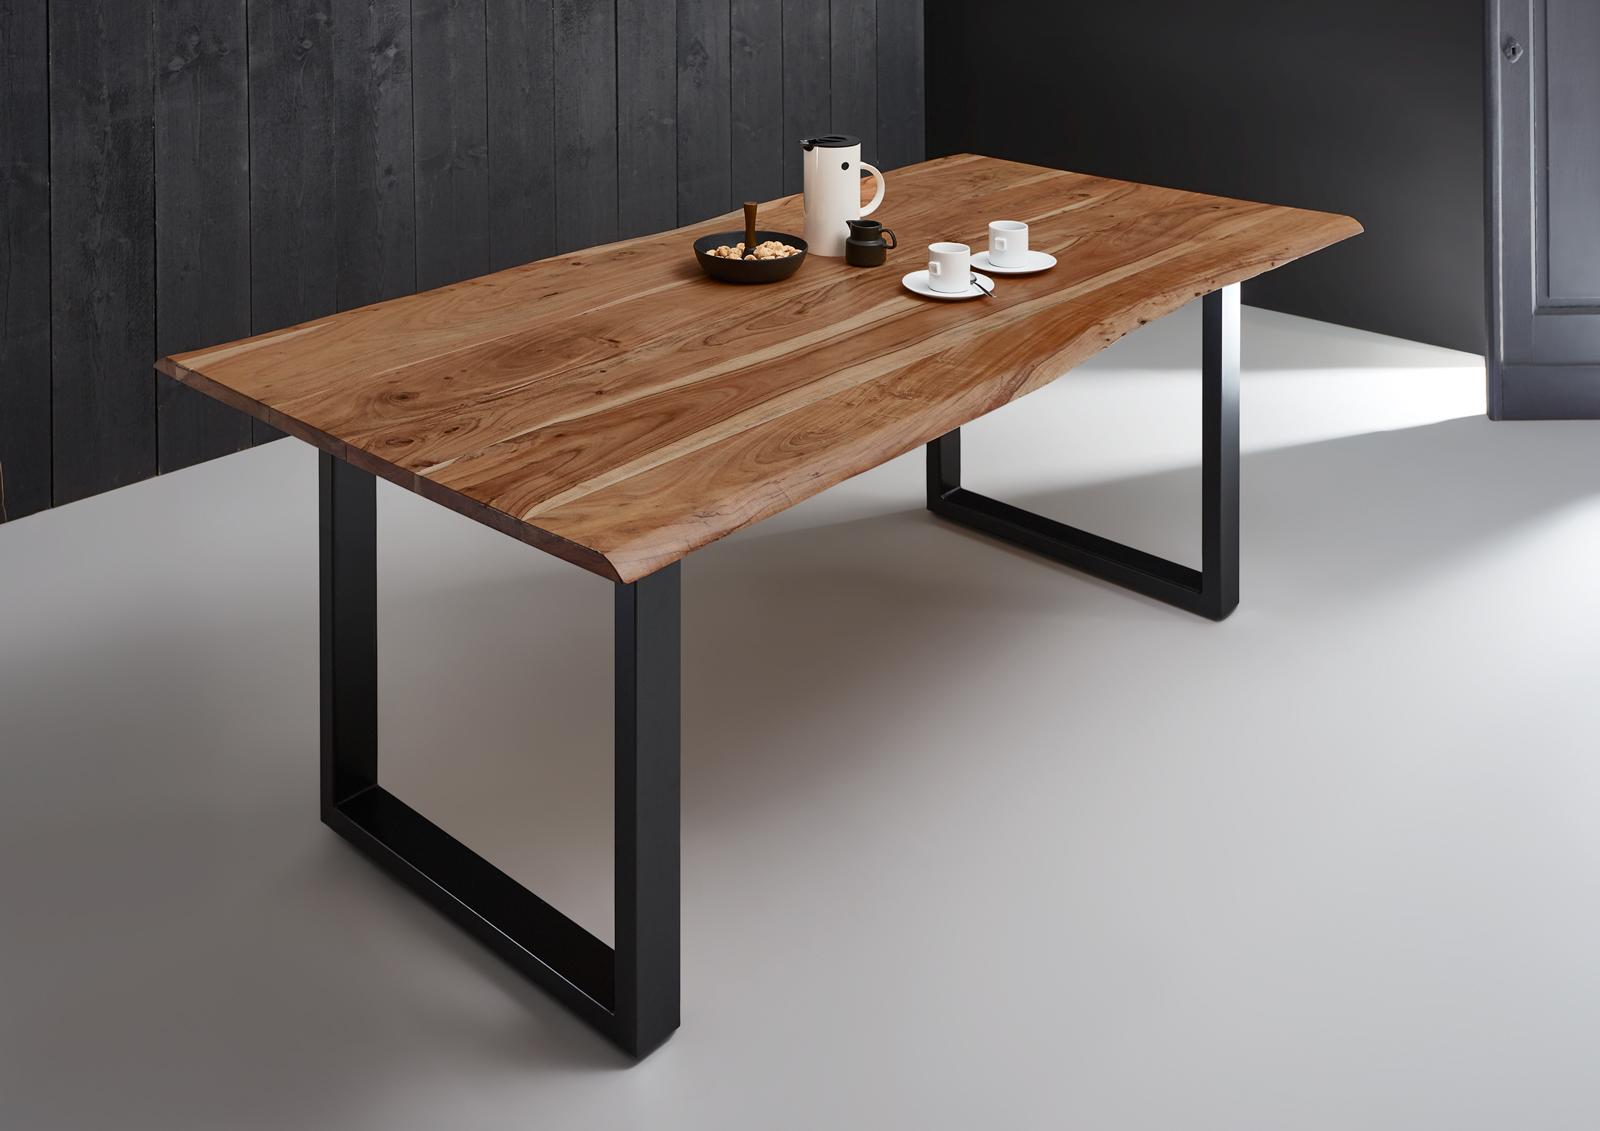 Exquisit Tisch Esszimmer Dekoration Von Sam® Baumkantentisch 180 Cm Massiv Akazie Milo